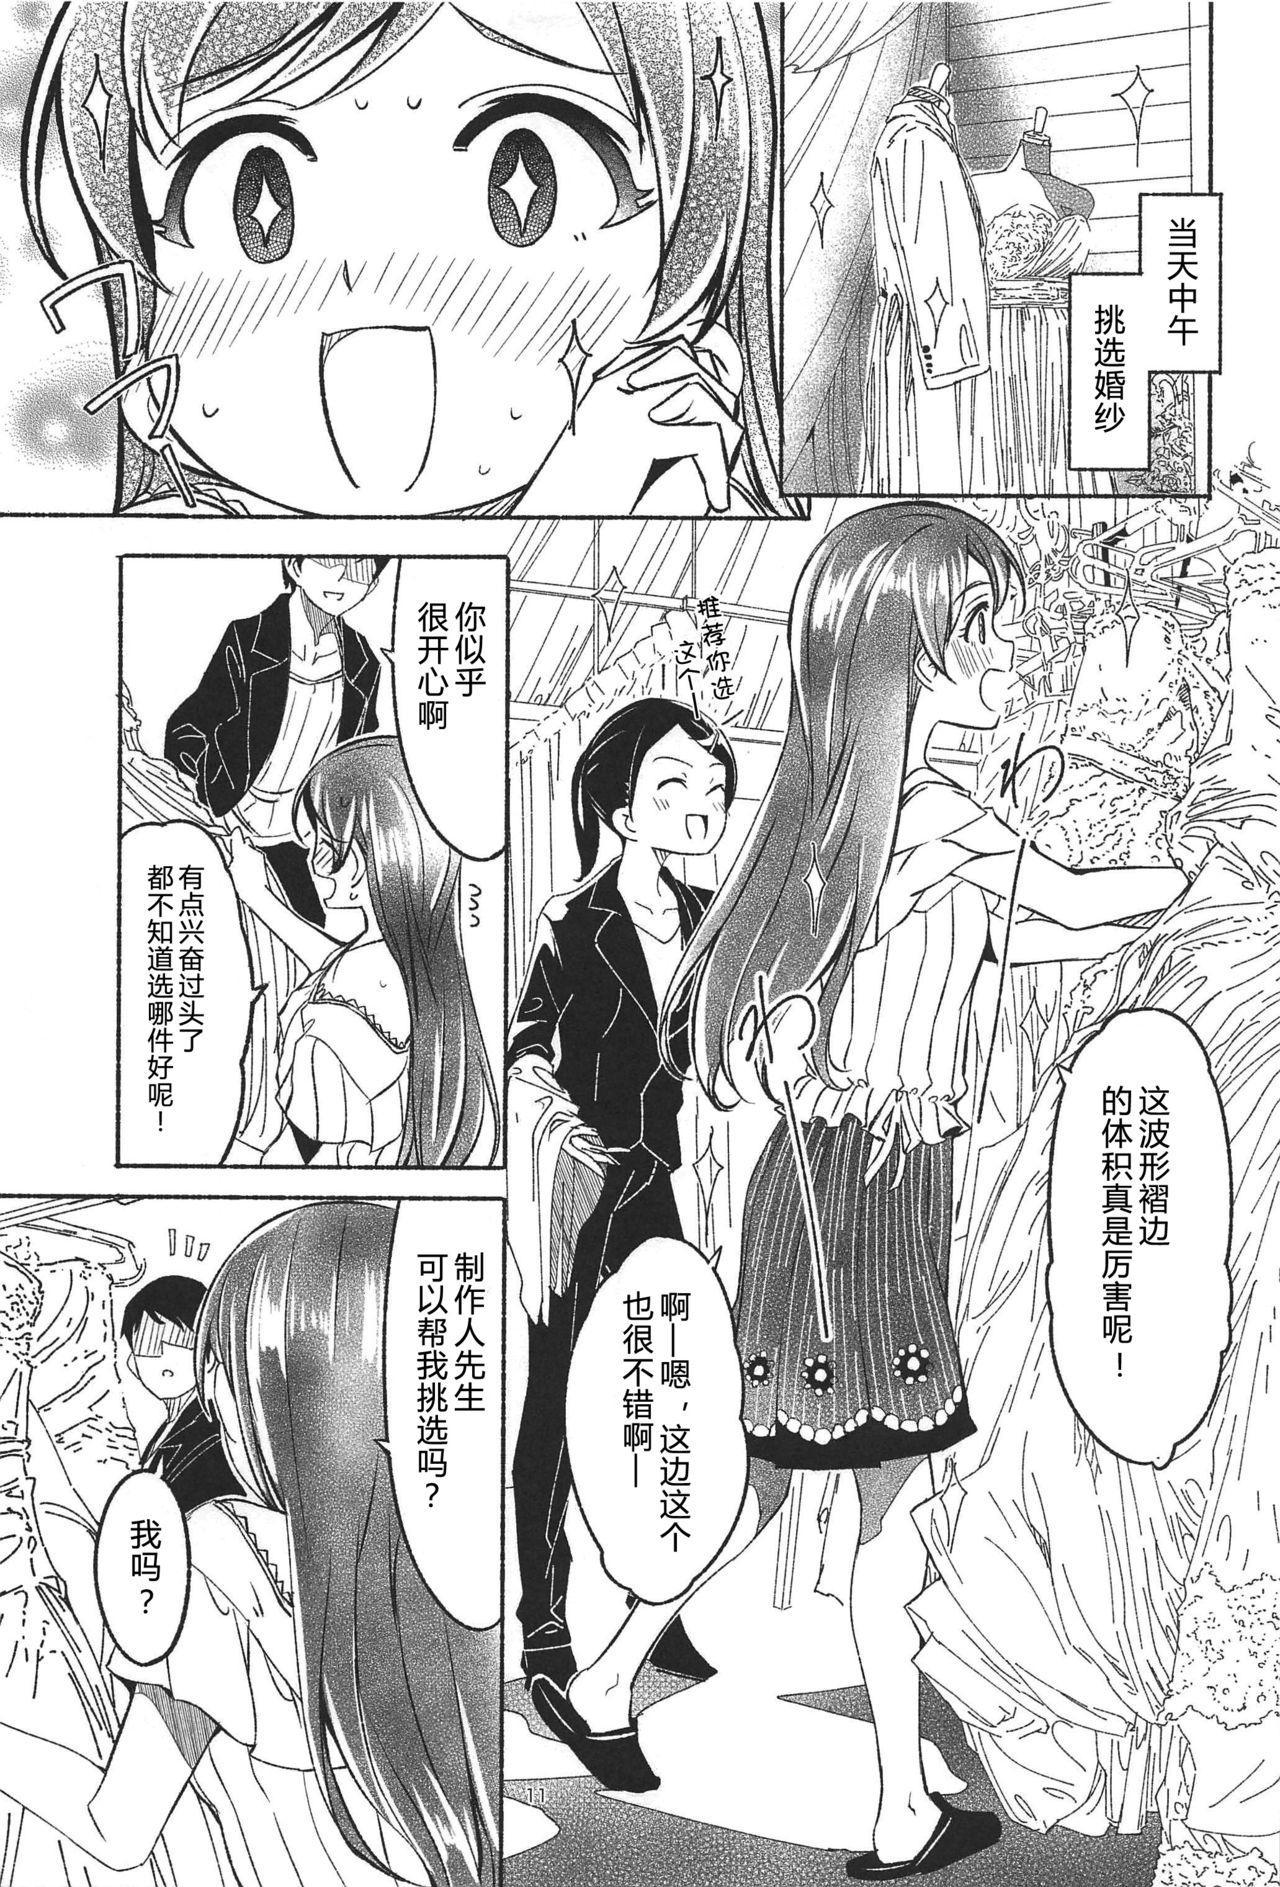 Nagisa no Hanayome 12